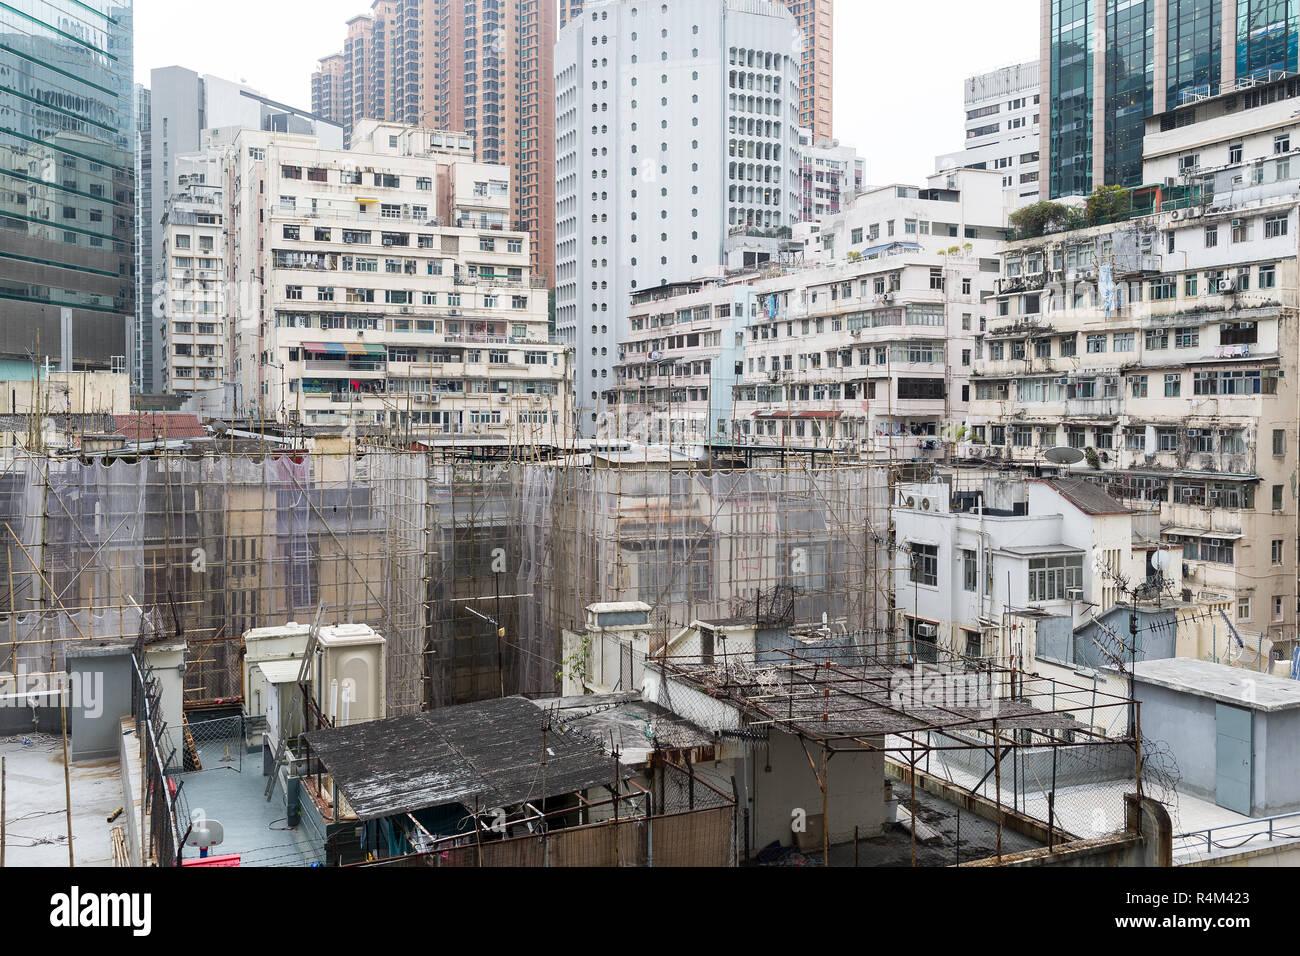 Hong Kong old building - Stock Image